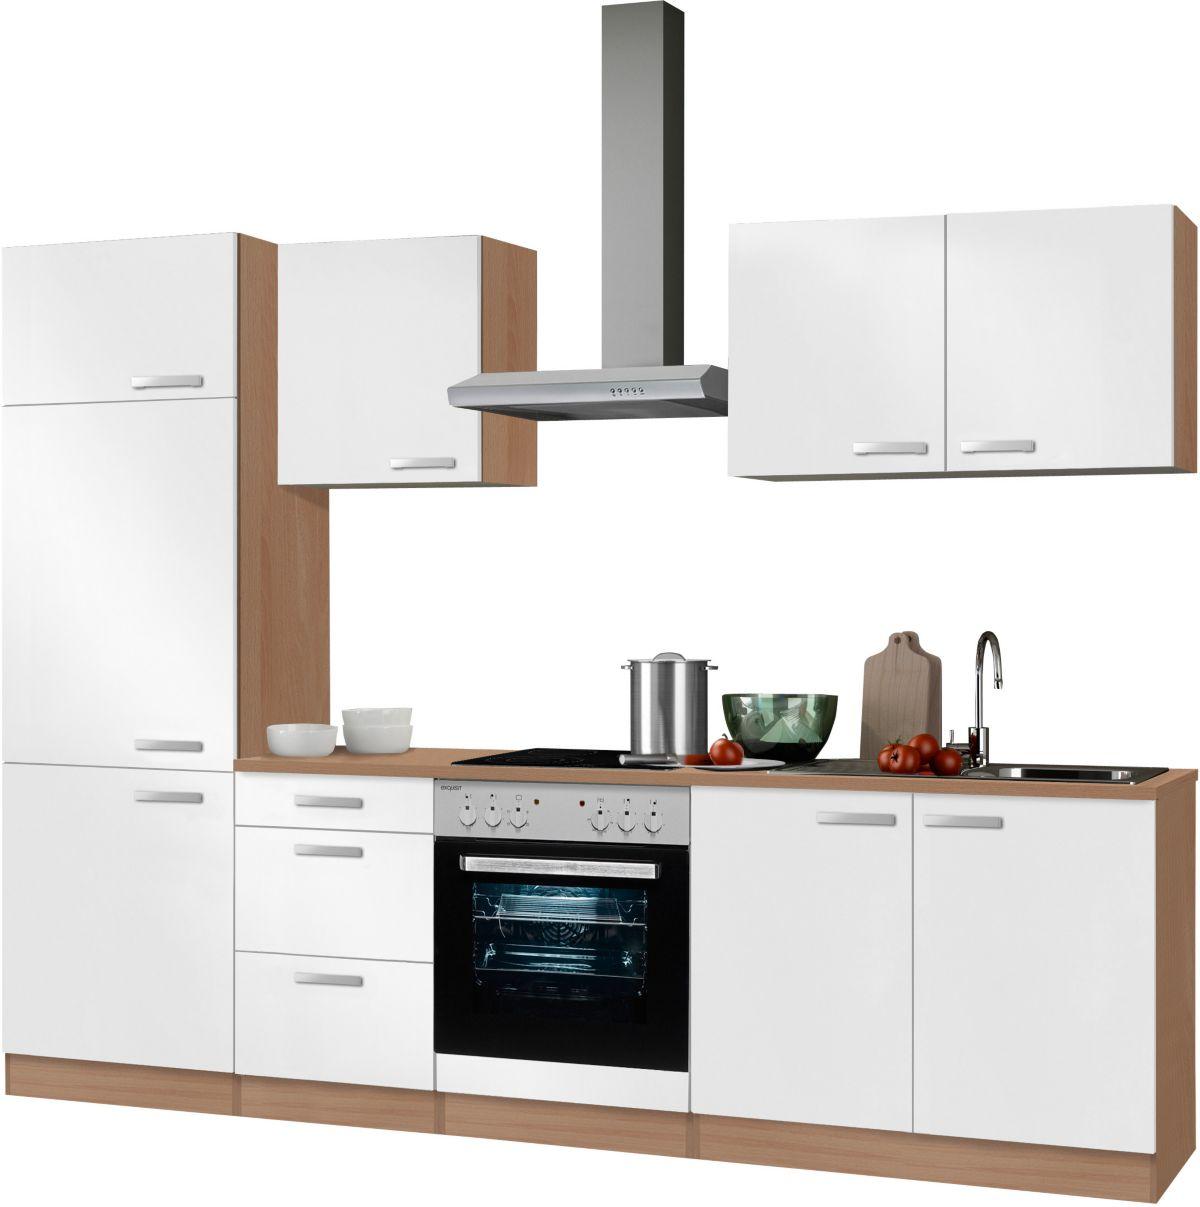 Kuchenzeile mit e geraten optifit odense breite 270 cm for Küchenzeile mit elektroger ten billig